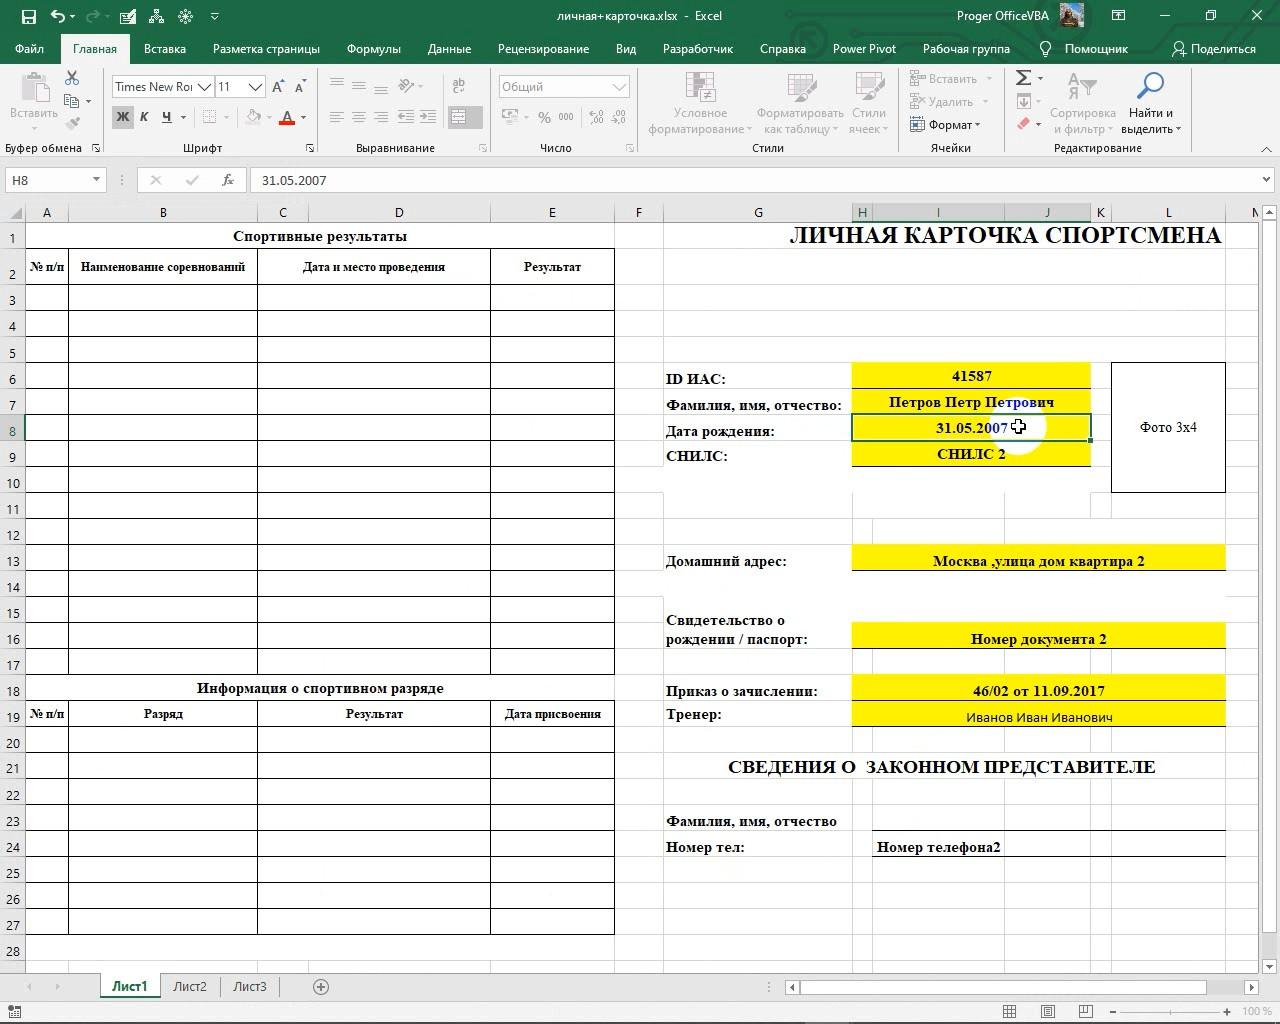 Создать в excel две связанные таблицы для заполнения